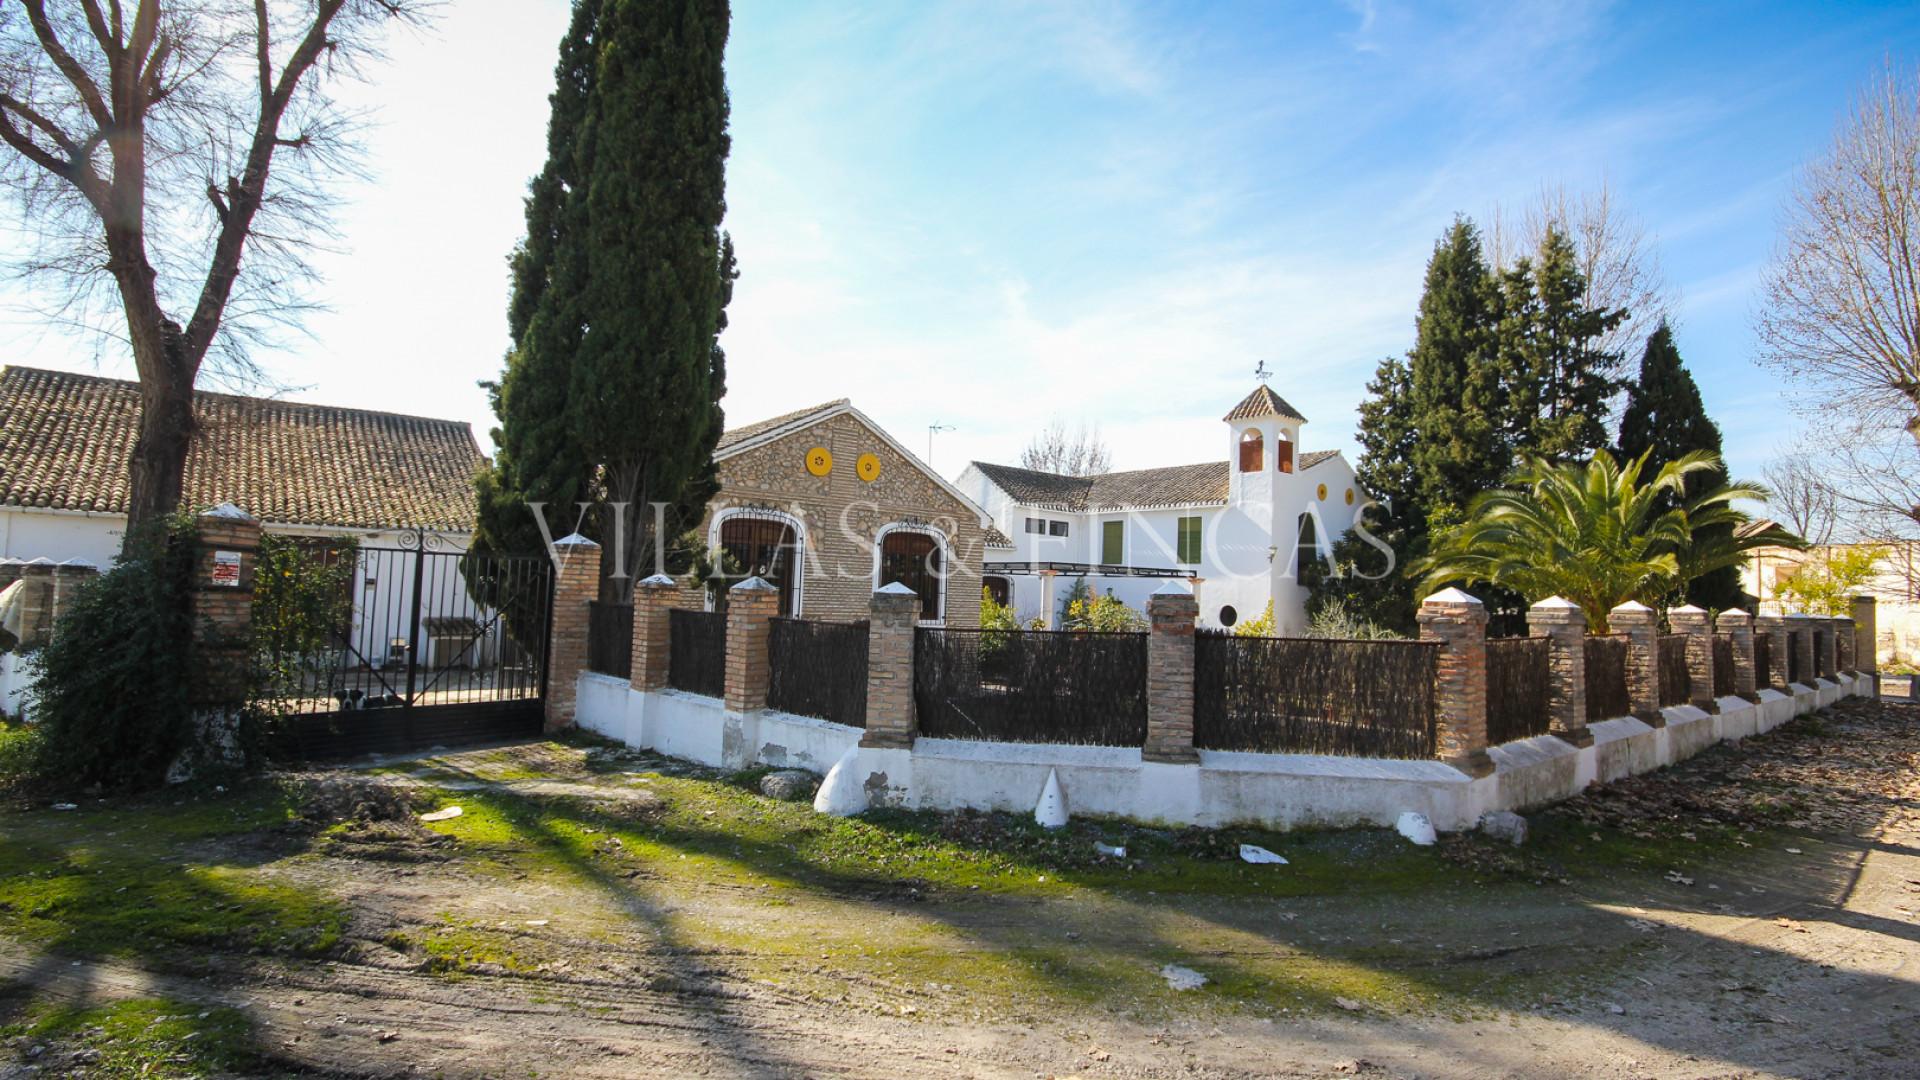 Bauernhaus im Verkauf in Granada